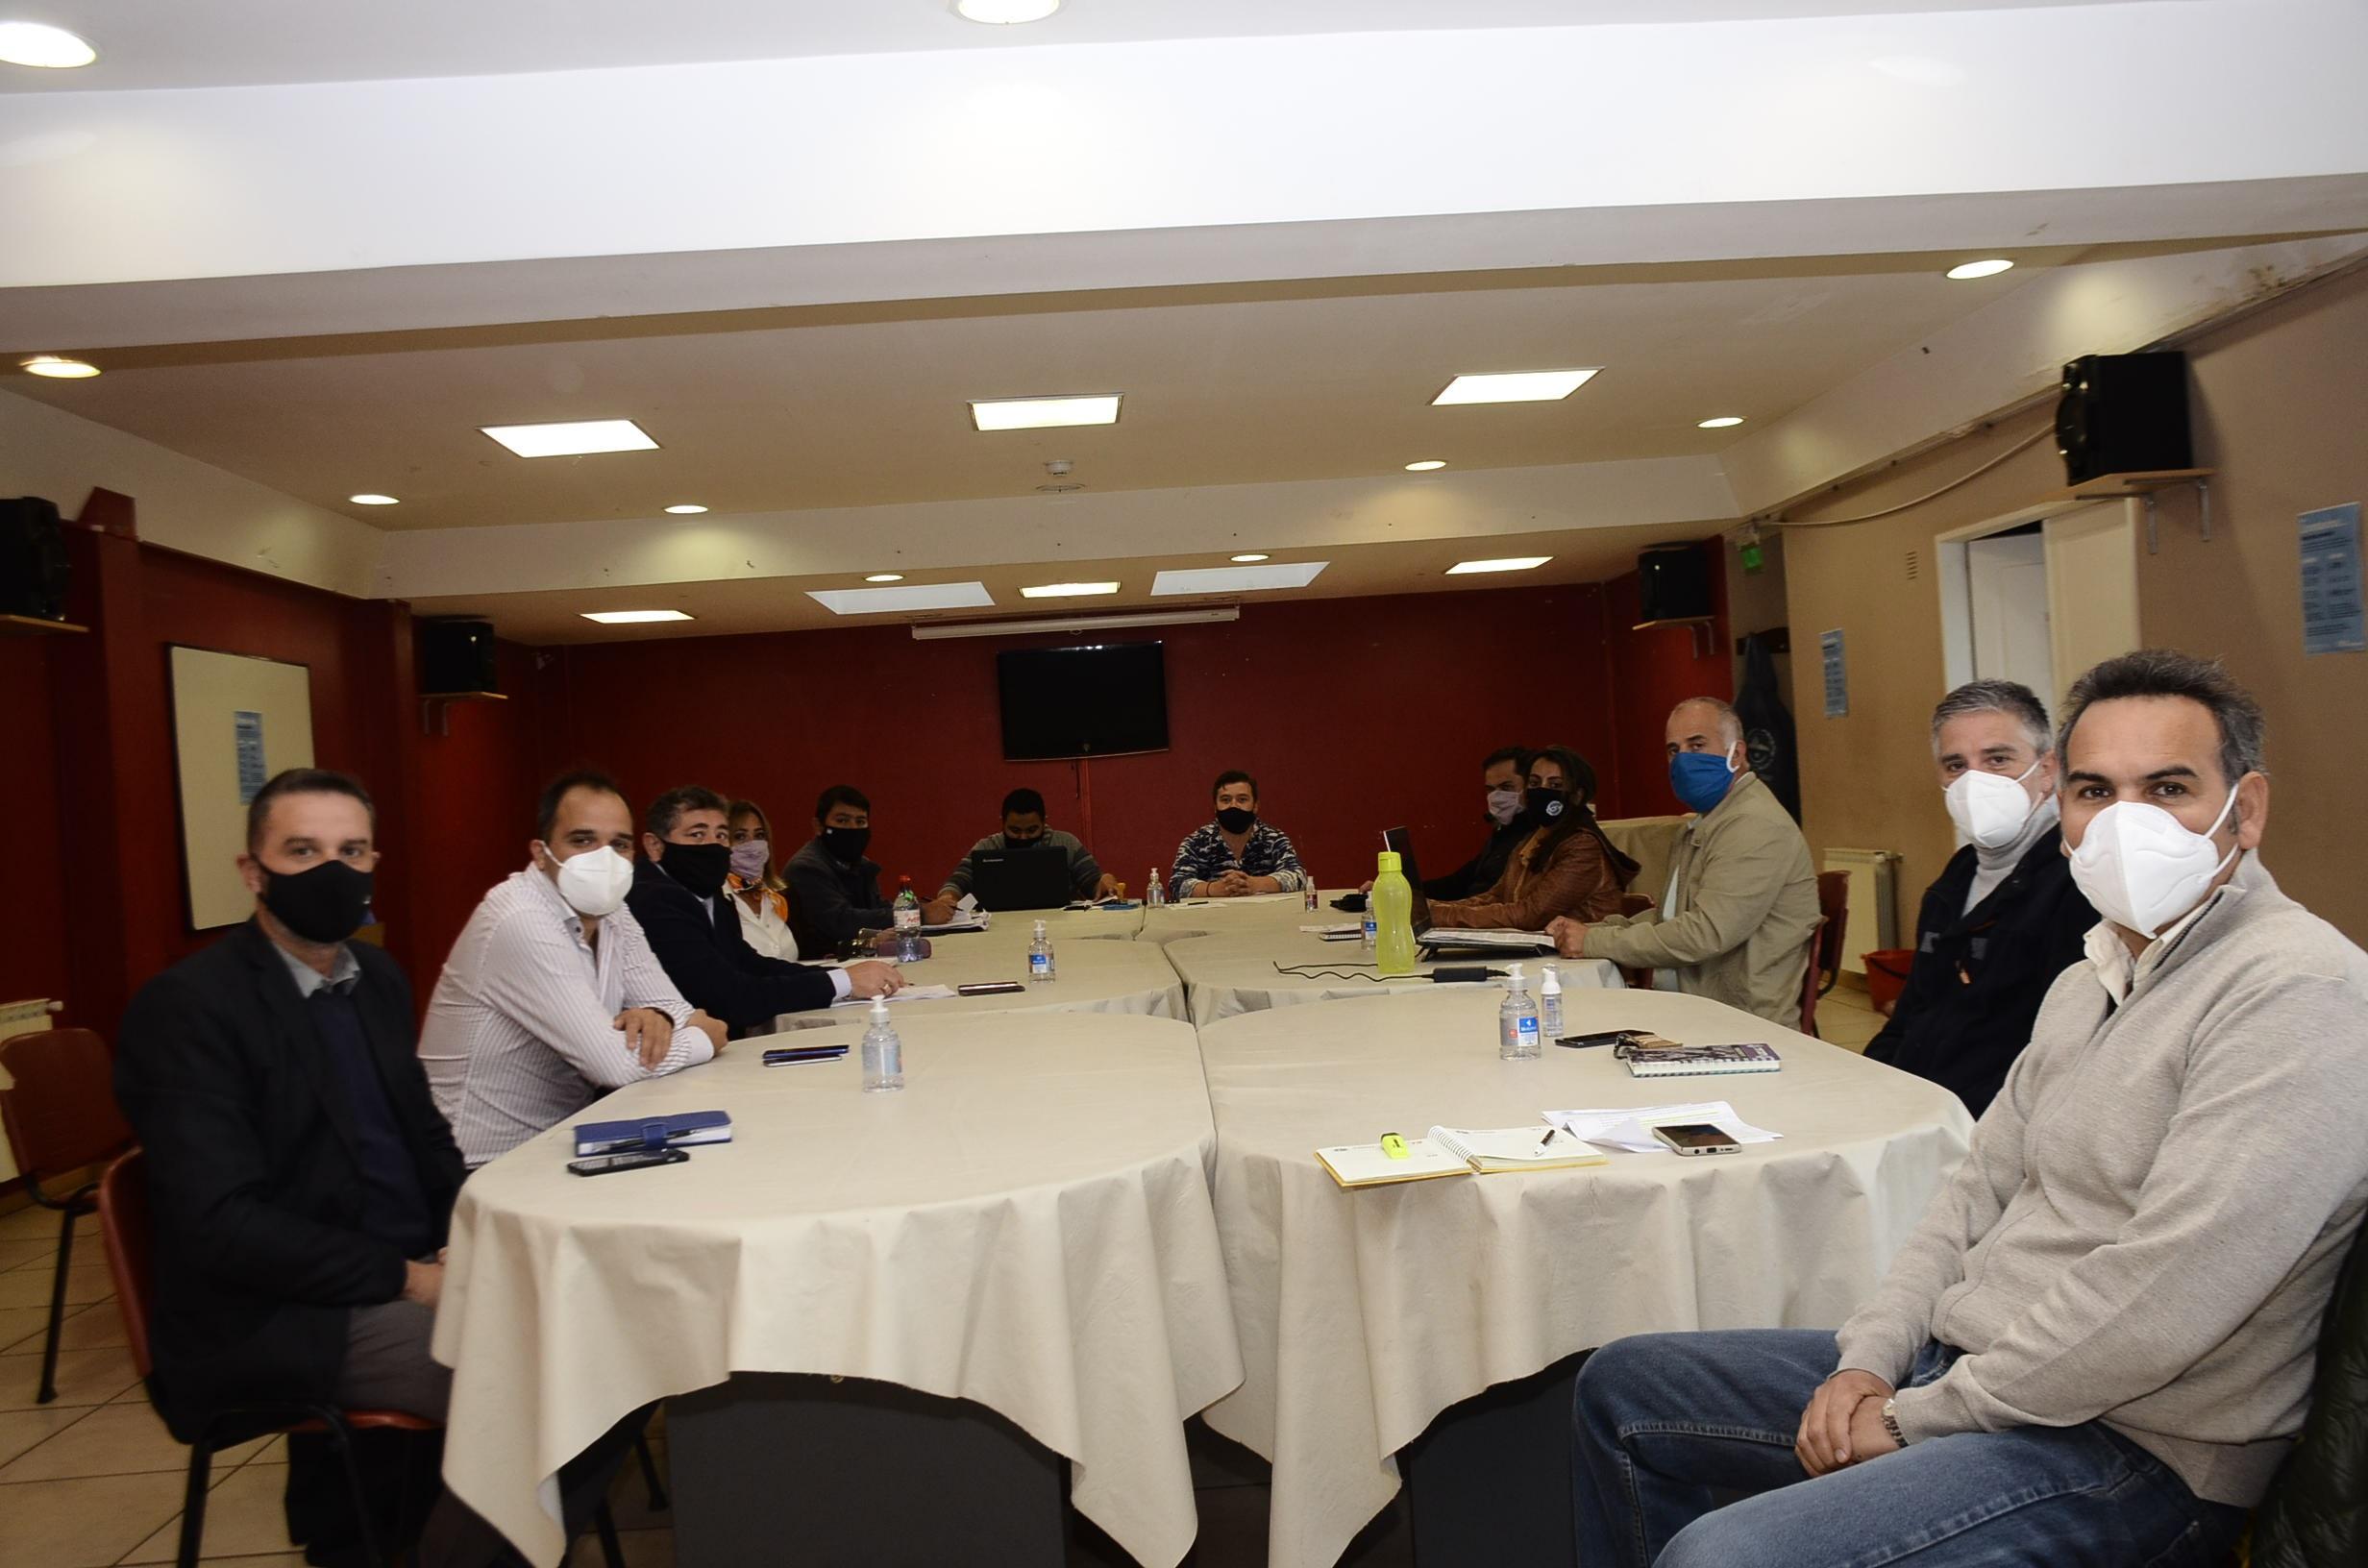 Reunión entre Gobierno y representantes del sector docente iniciaron la pulseada. FOTO: JOSÉ SILVA/LA OPINIÓN AUSTRAL